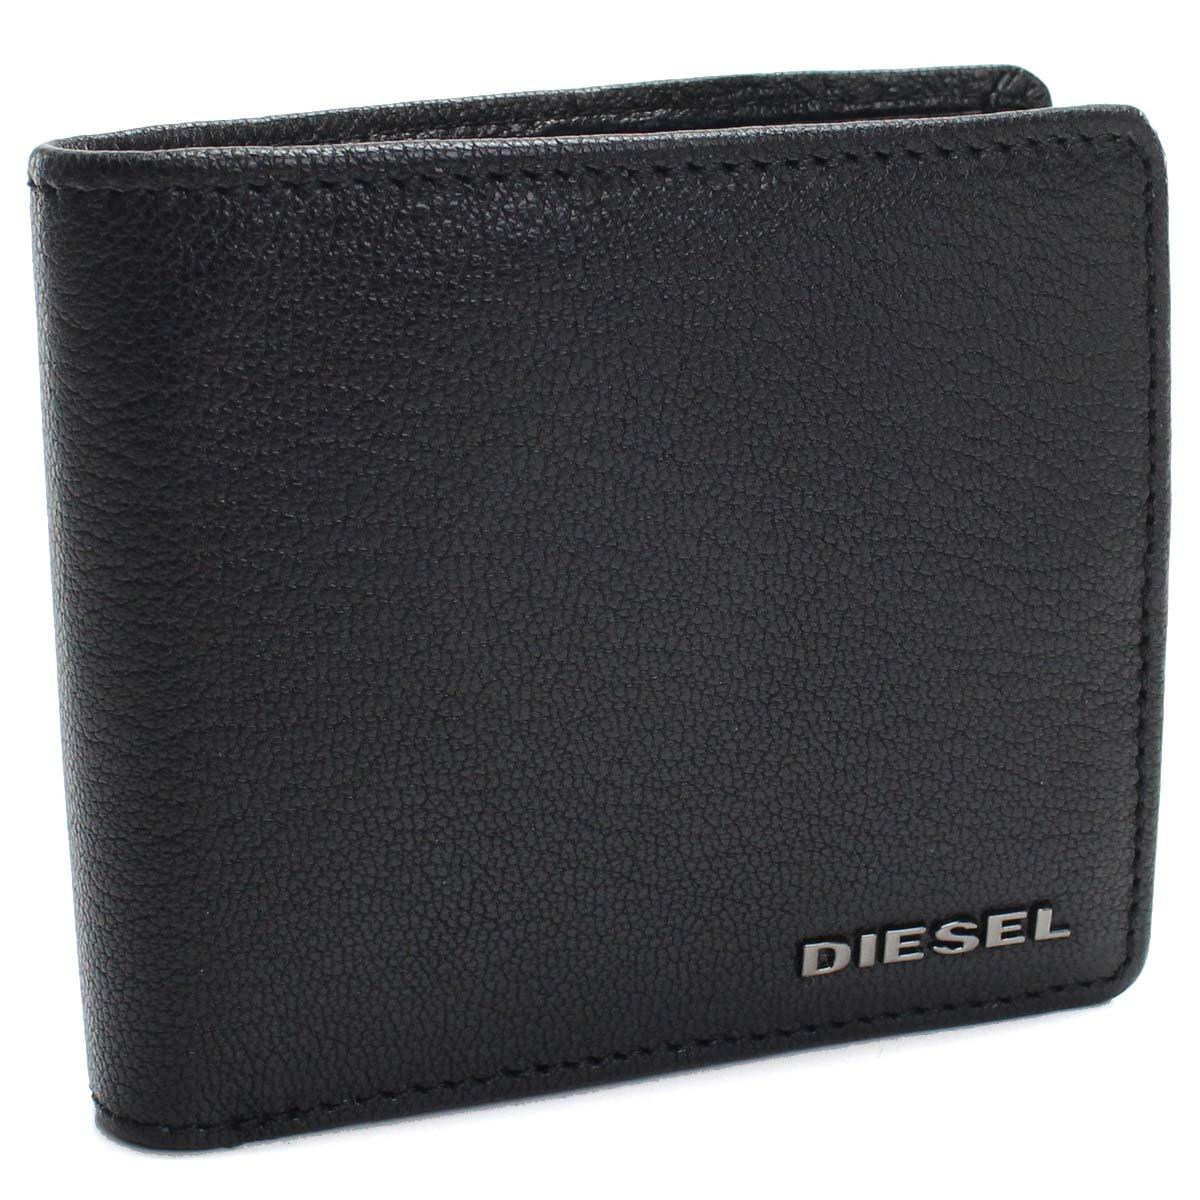 ディーゼル DIESEL レザー コンパクト 2つ折り財布 X06627 P0396 T8013 ブラック